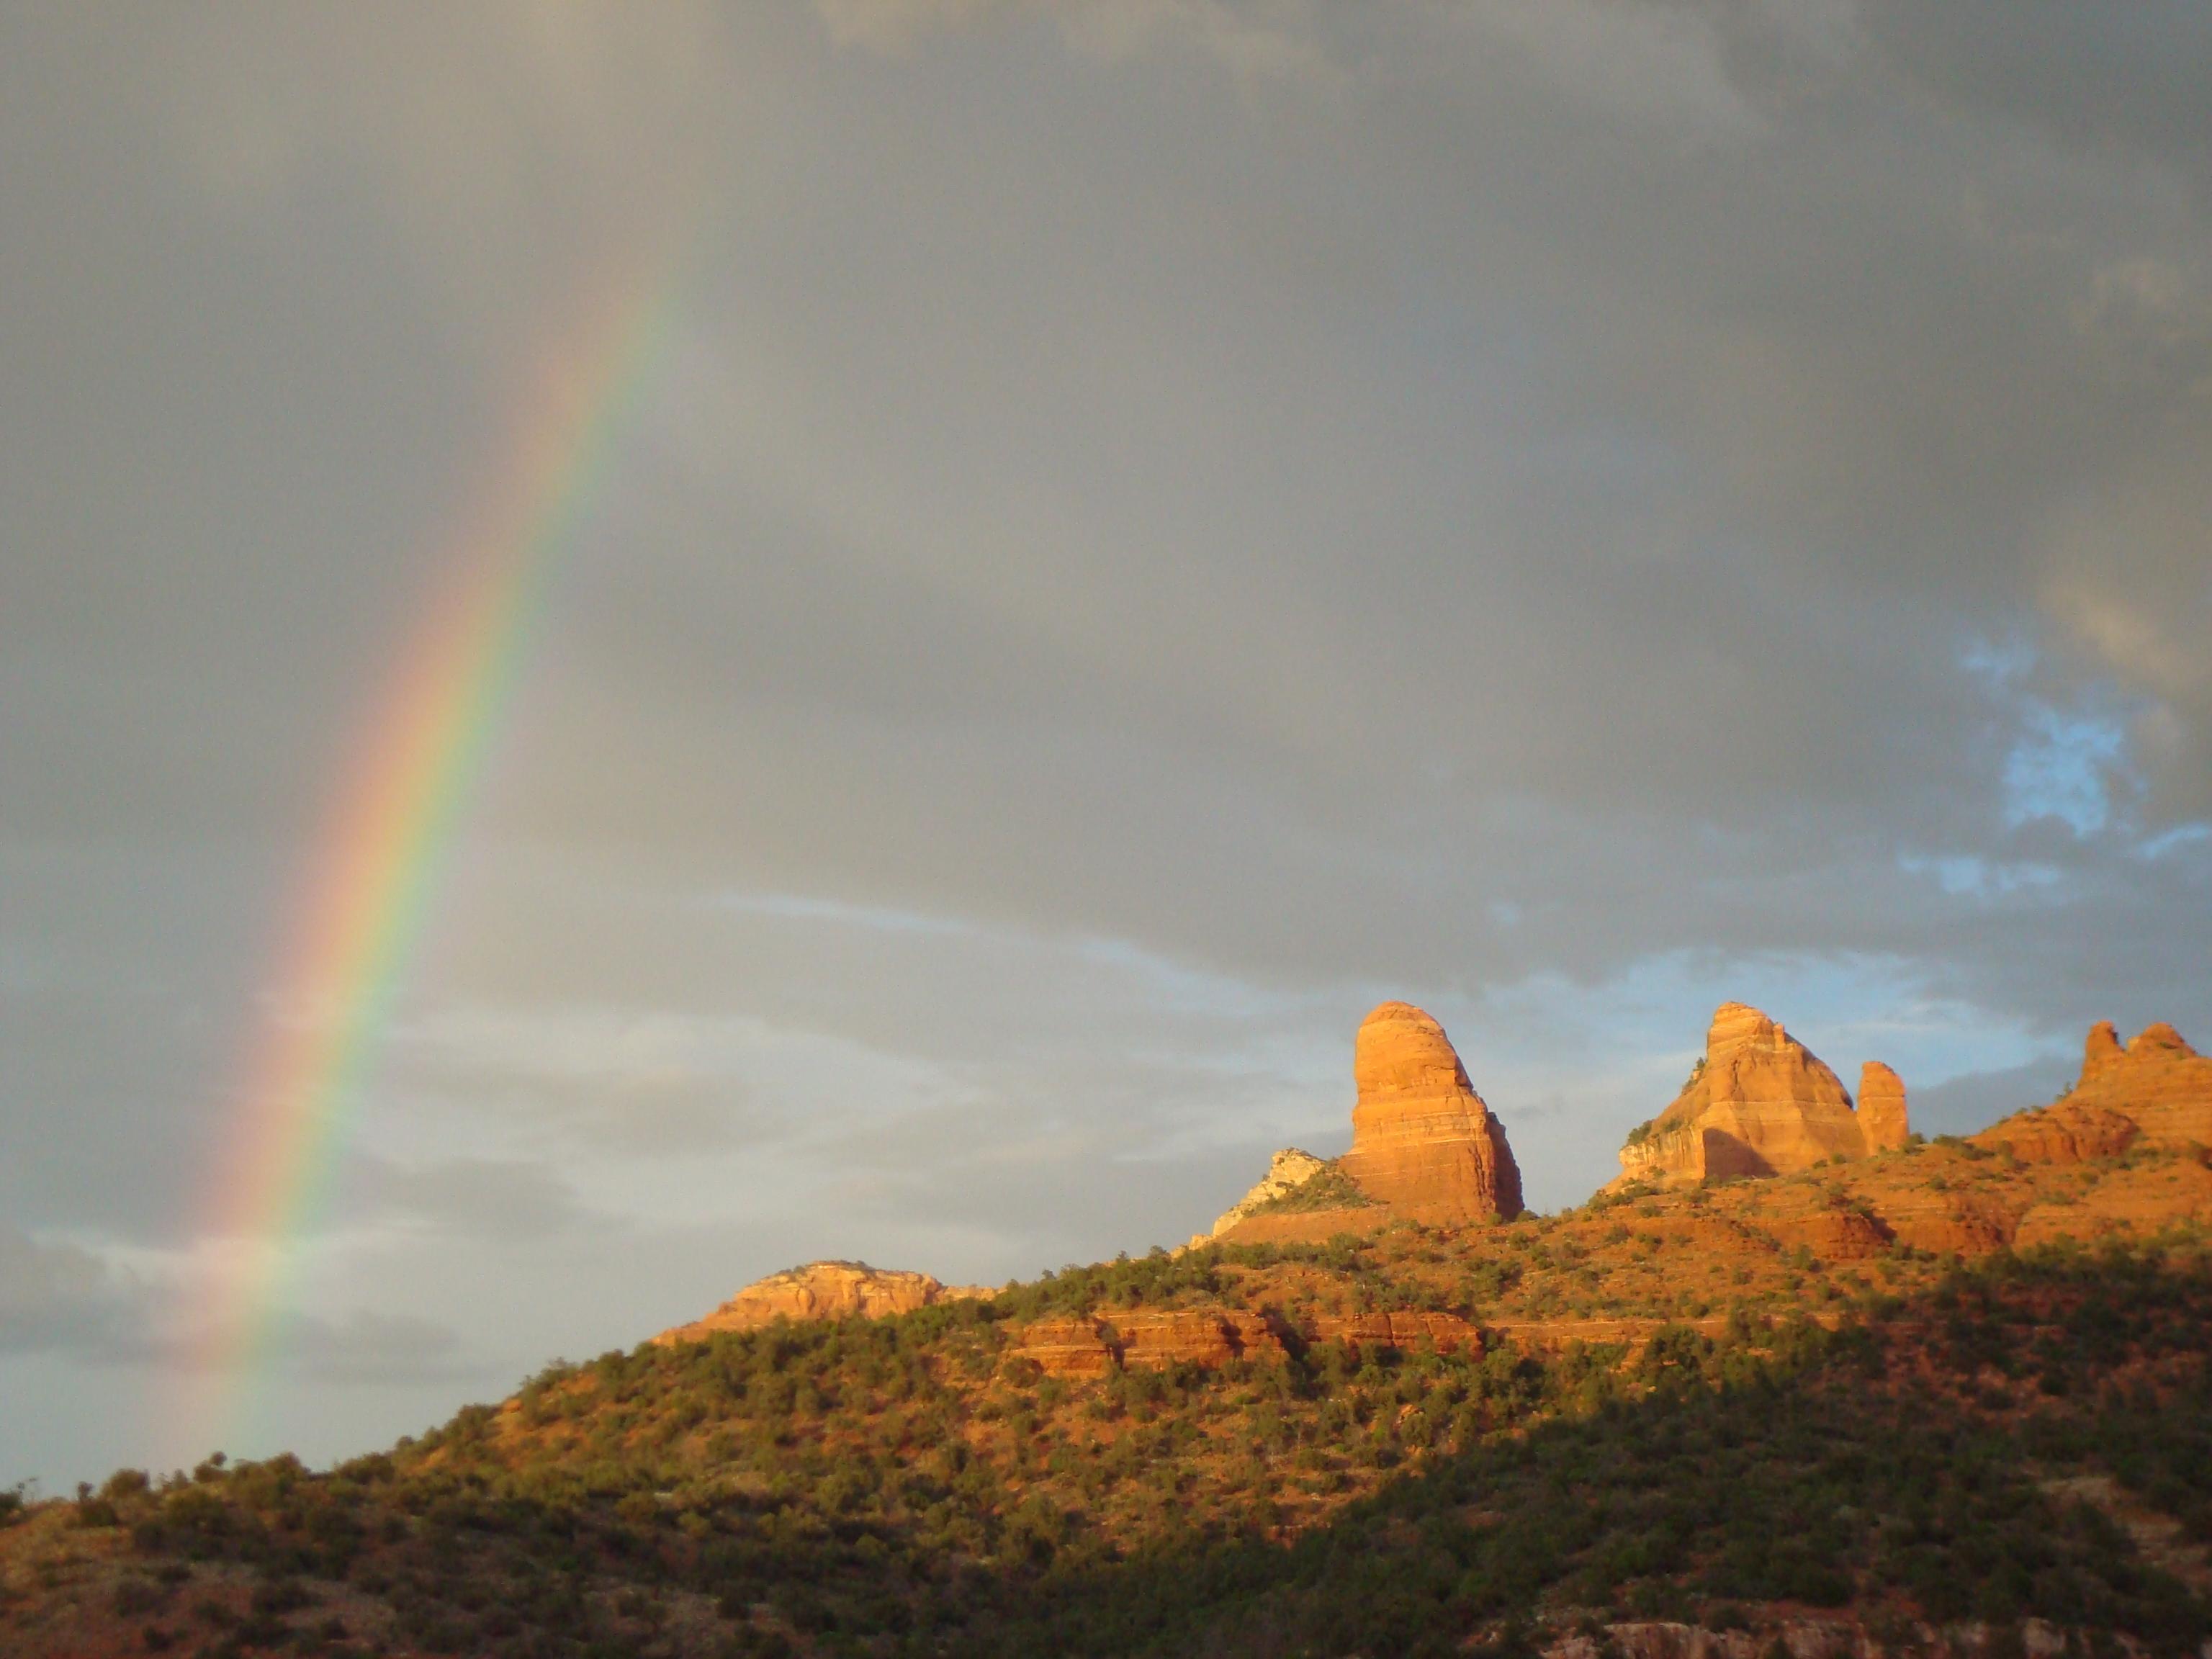 Sedona and the rainbow